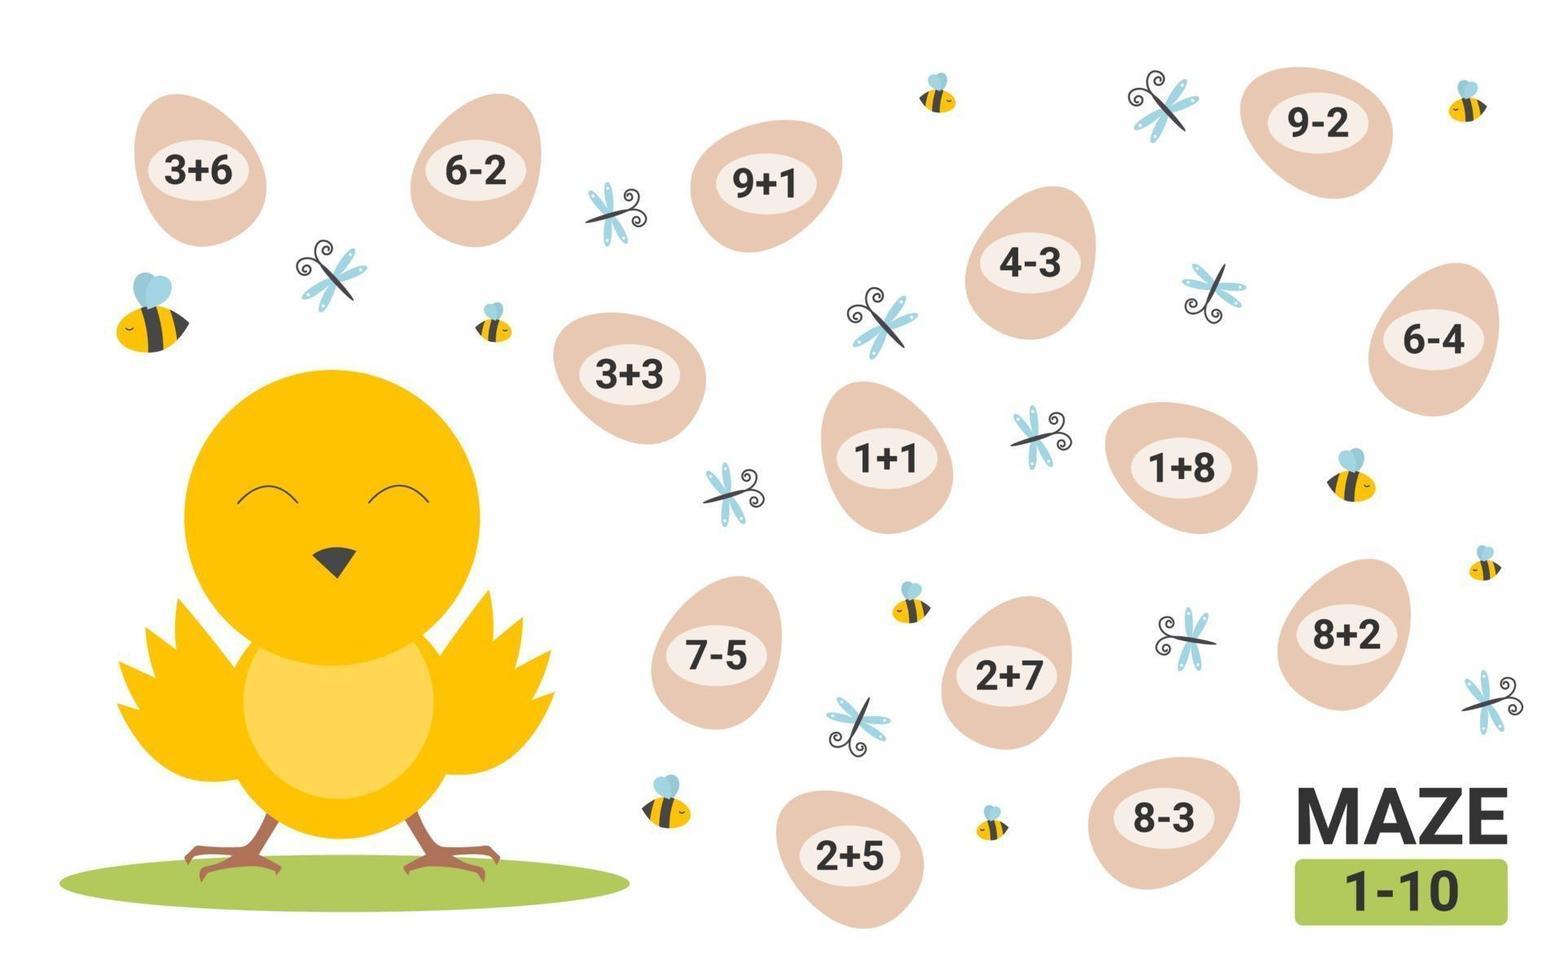 juego de laberinto para niños. Actividad educativa del laberinto de matemáticas para niños. vector